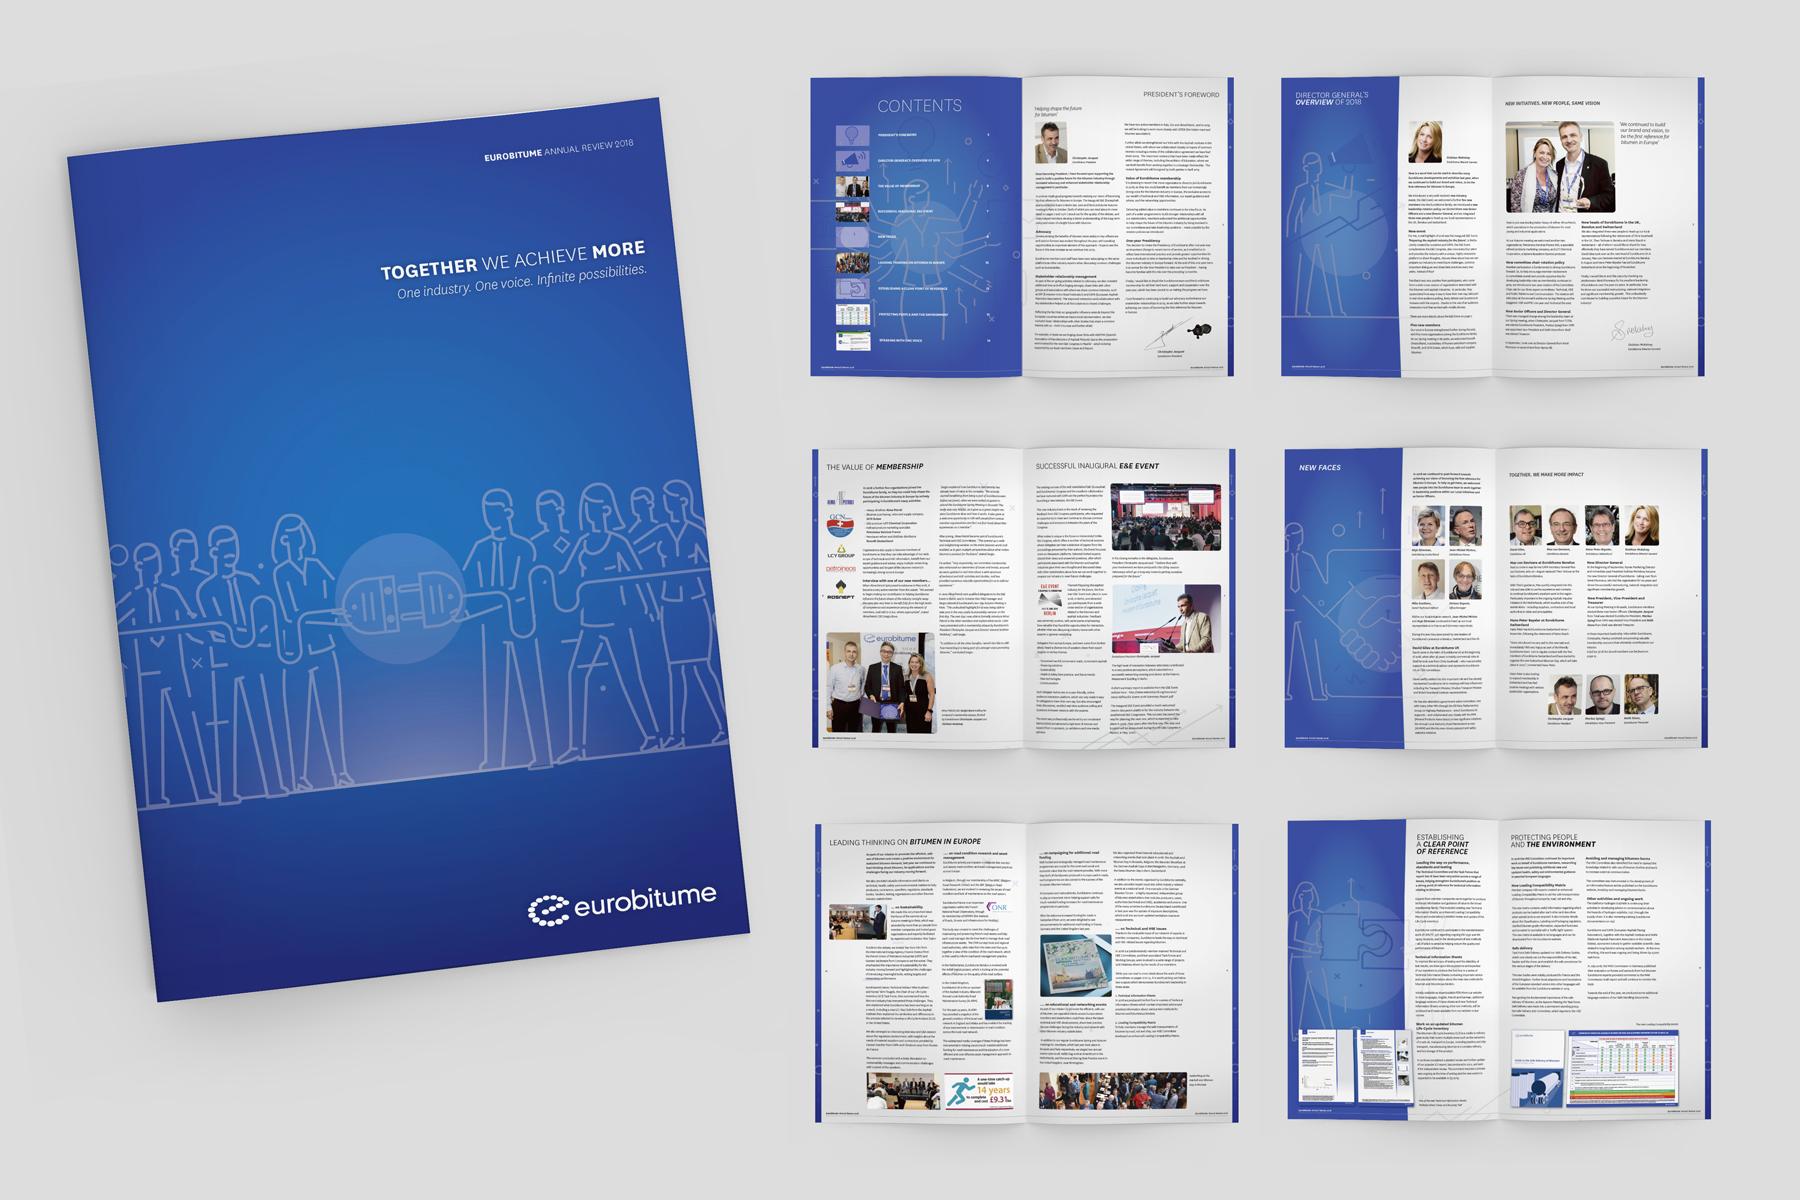 Centigrade - Eurobitume Annual Review